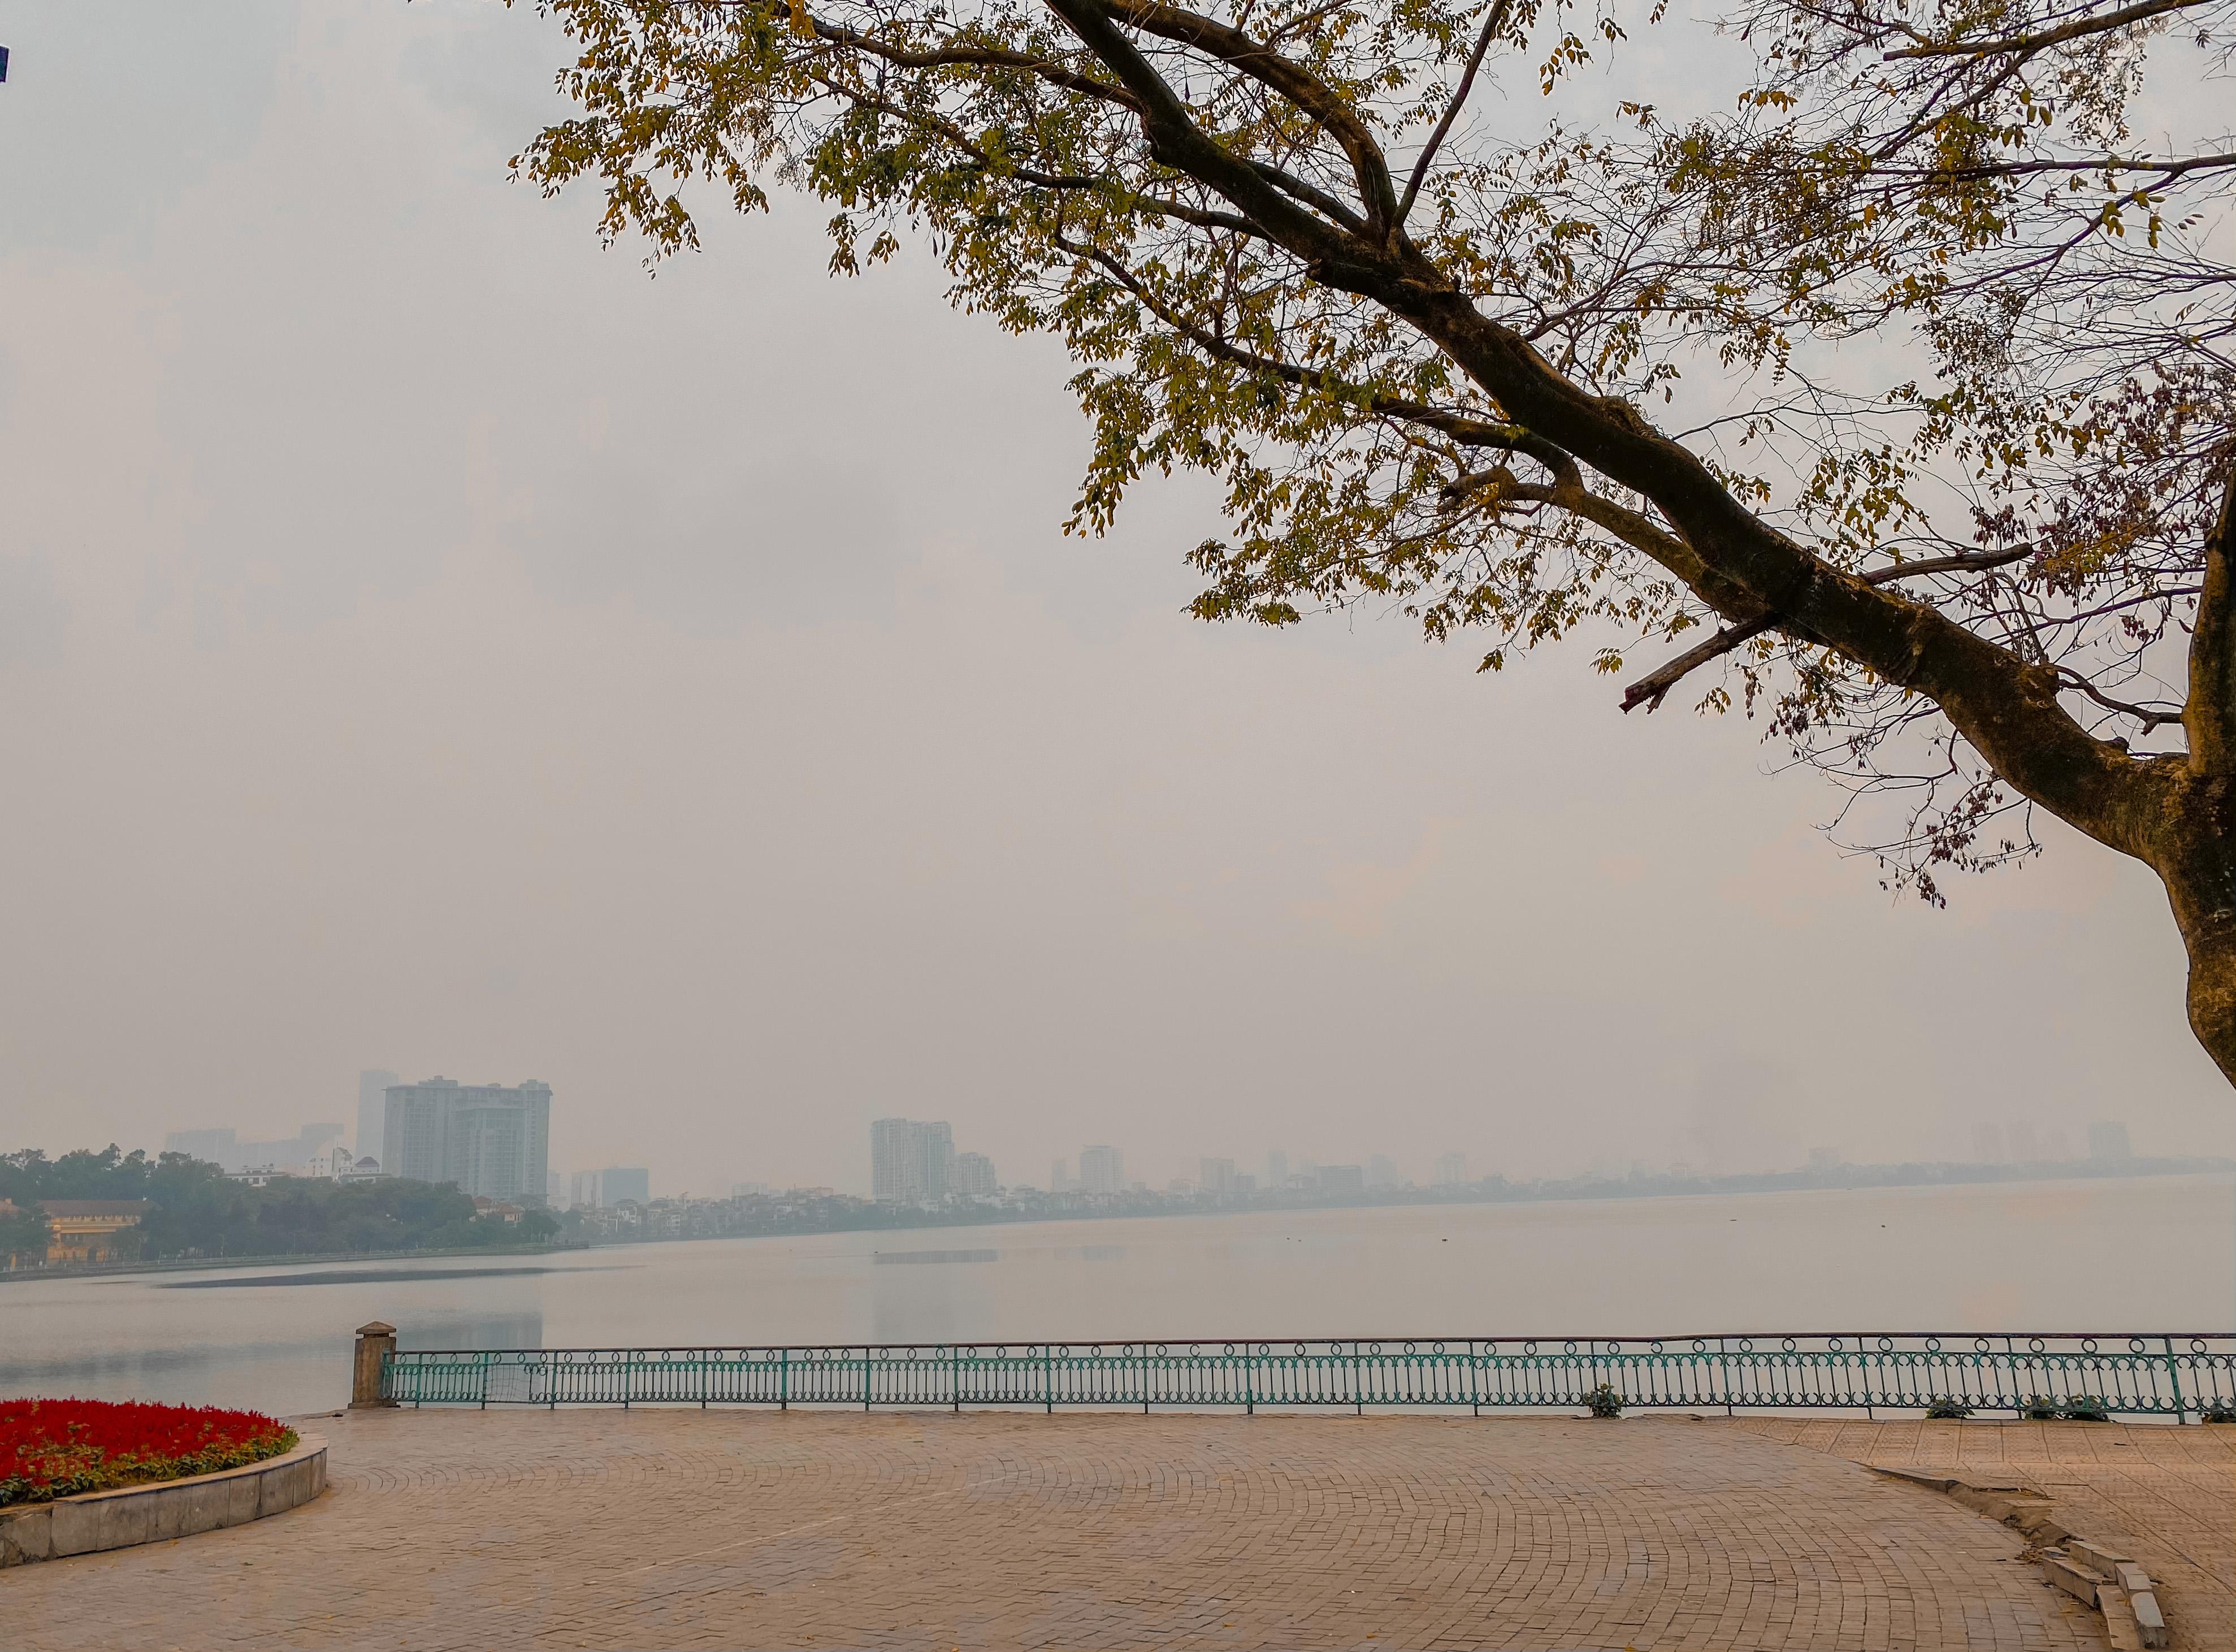 Thời tiết thủ đô Hà Nội nhiều mây, có mưa nhỏ vài nơi. ( Ảnh: Hằng Nga)